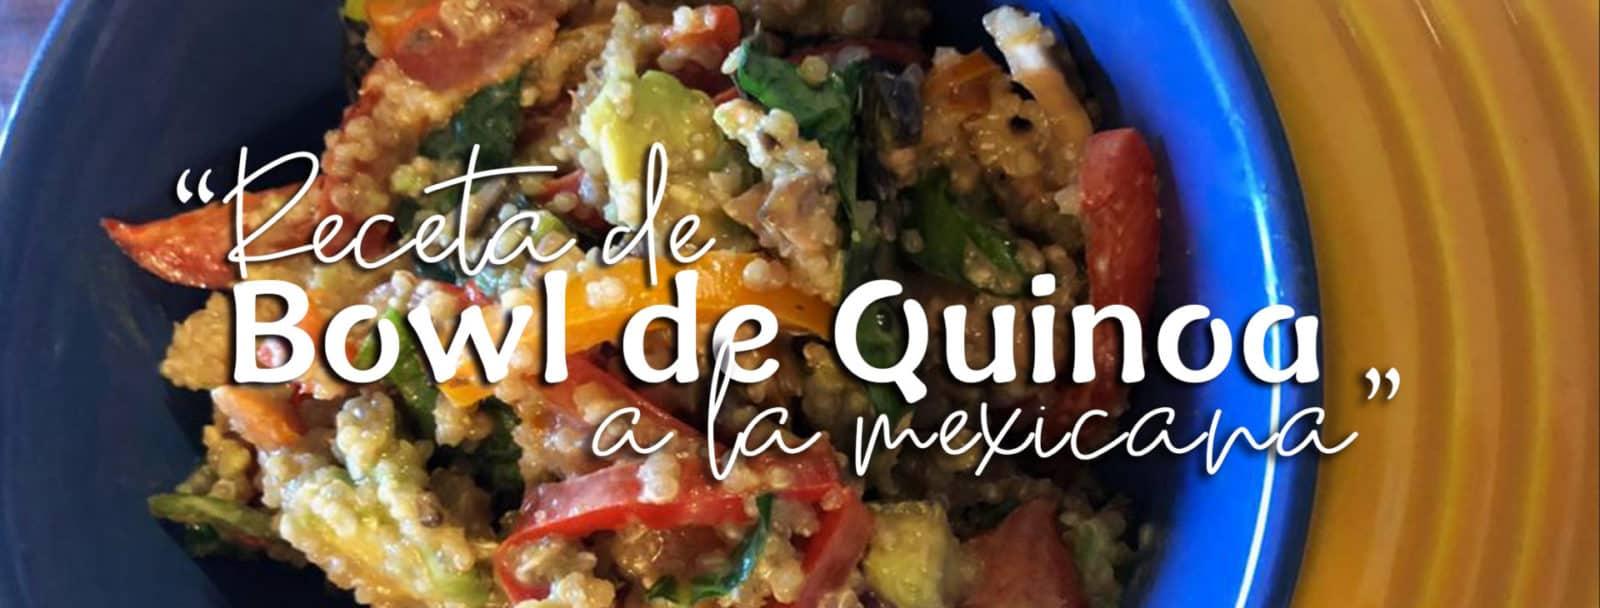 bowl-de-quinoa